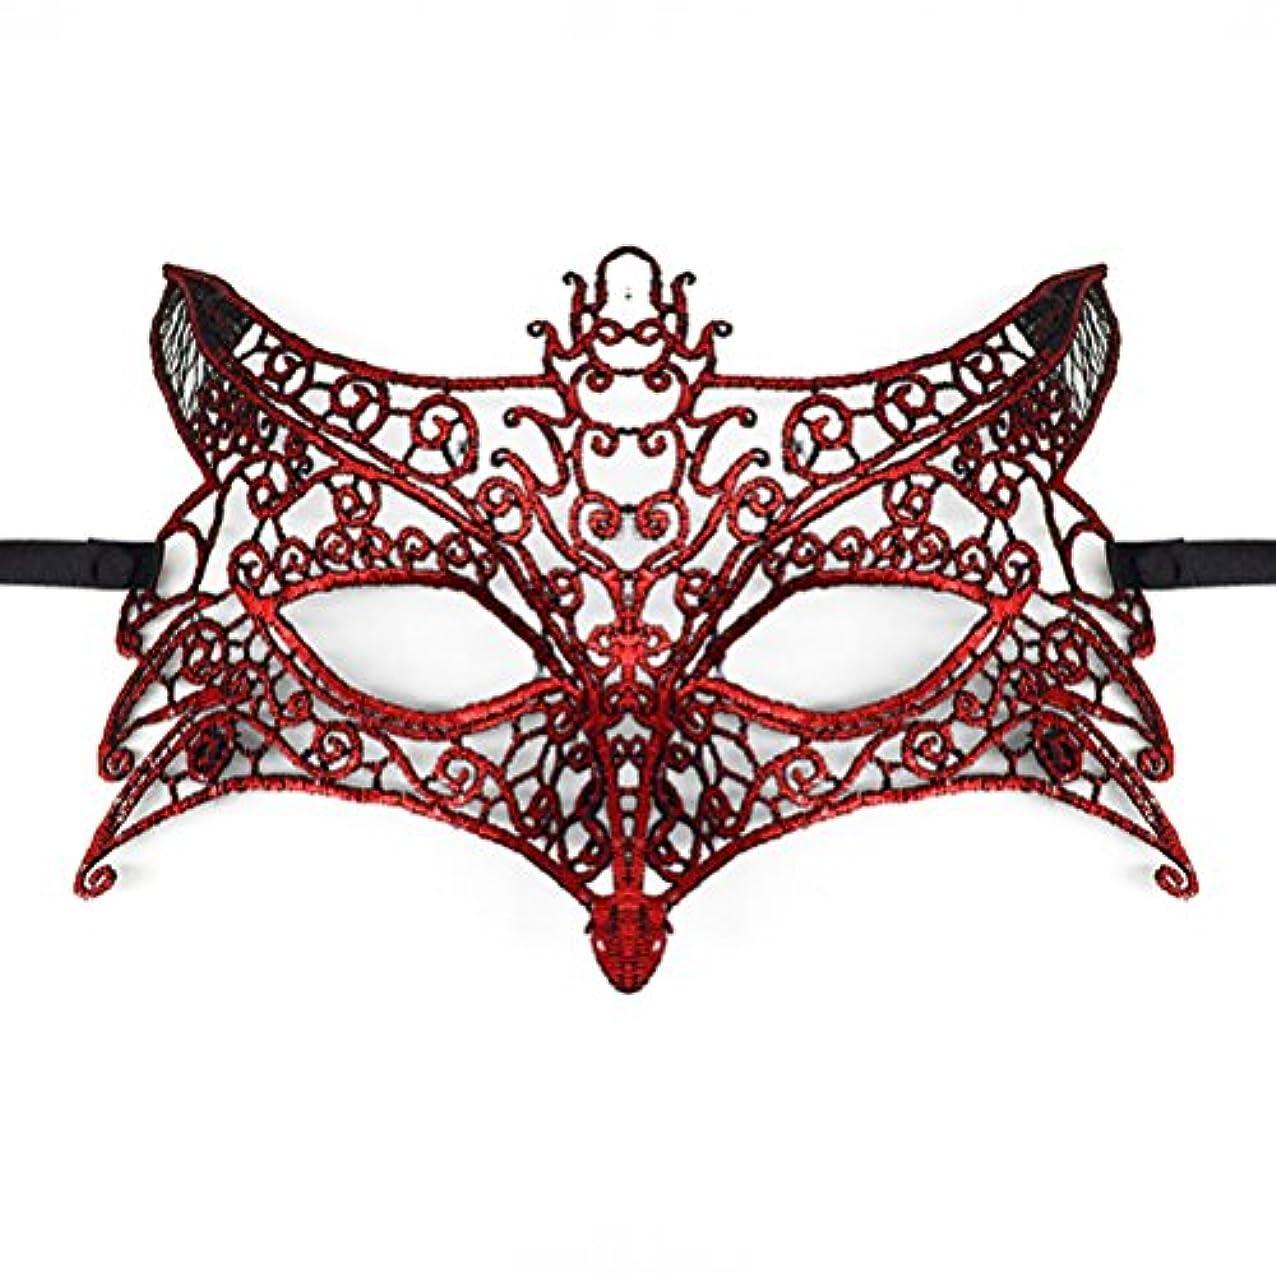 詐欺師露出度の高いずるいToyvian ハロウィーンパーティー用レースマスカレードマスク(ウルフヘッド)